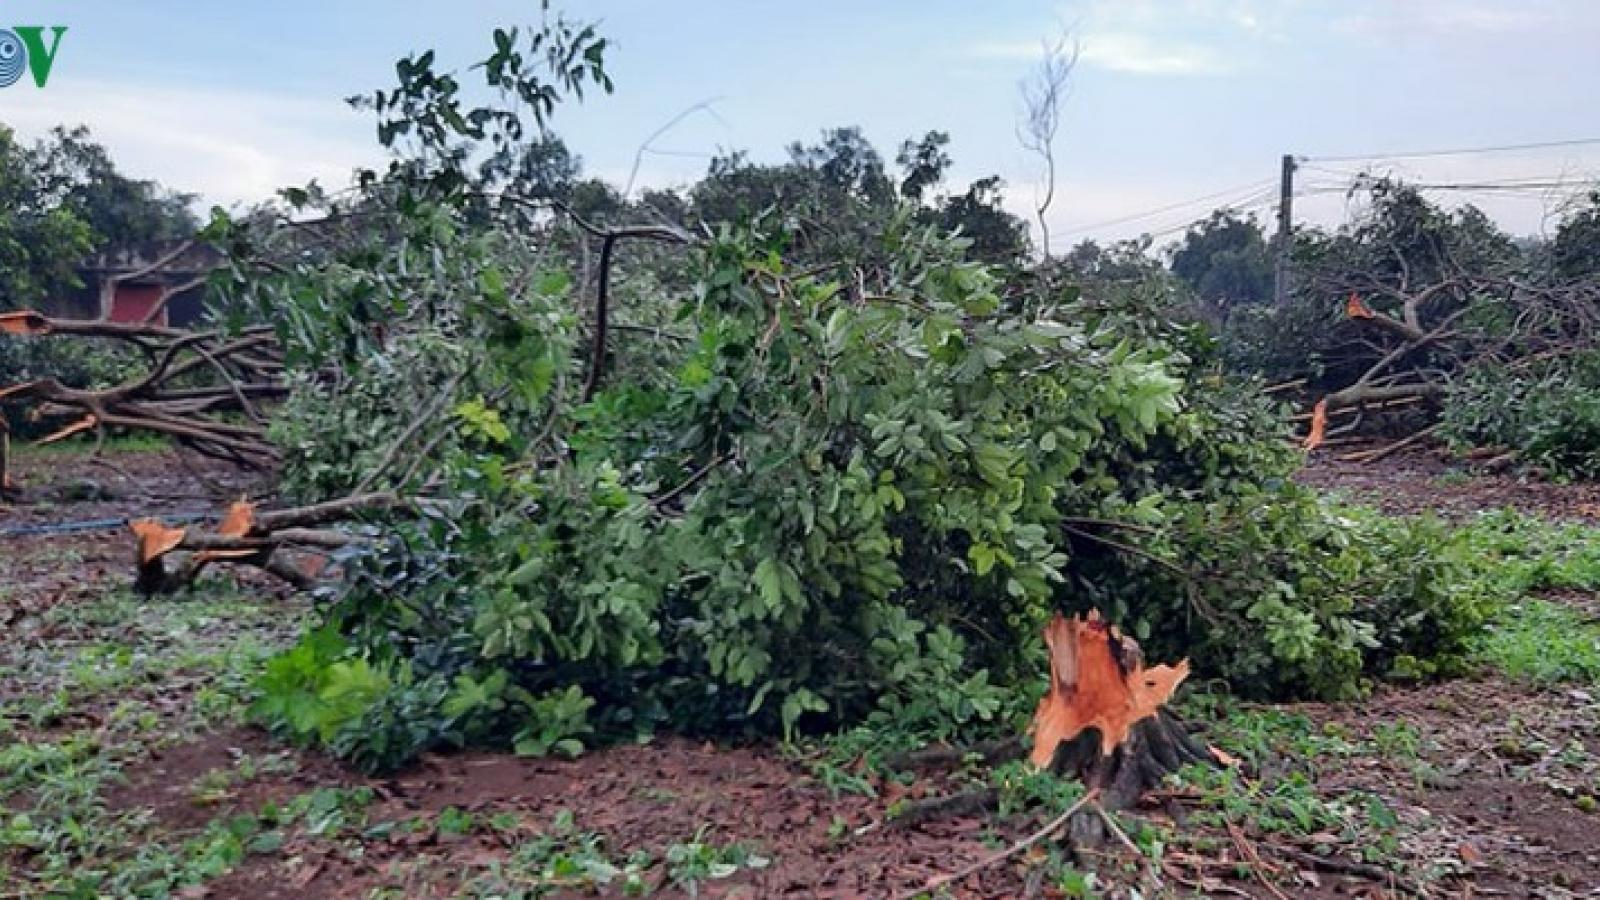 Lốc xoáy, mưa đá khiến hàng trăm gốc chôm chôm, sầu riêng ở Đồng Nai gãy đổ